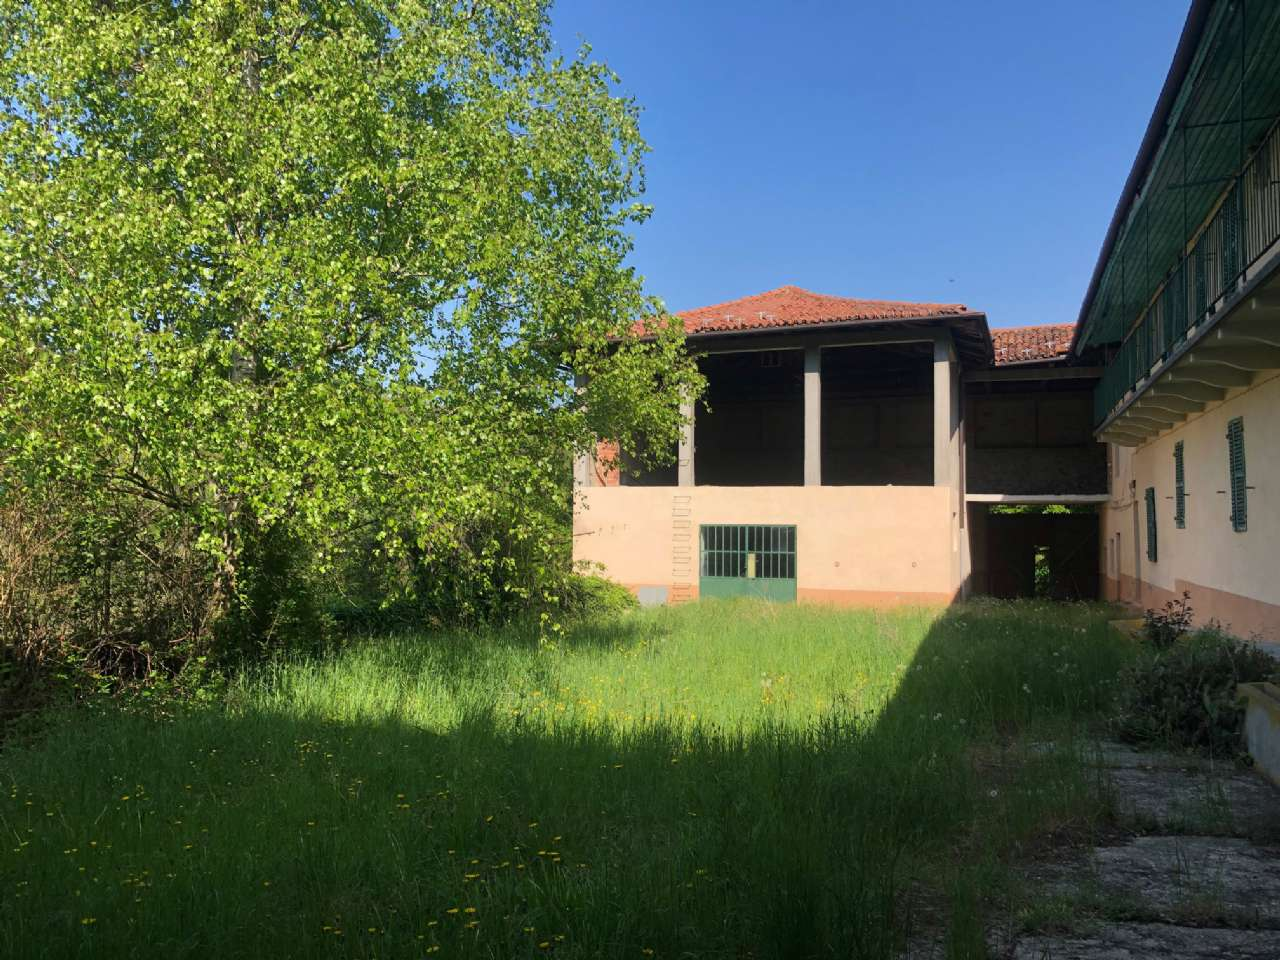 Rustico / Casale in vendita a Rivalba, 30 locali, prezzo € 420.000   CambioCasa.it